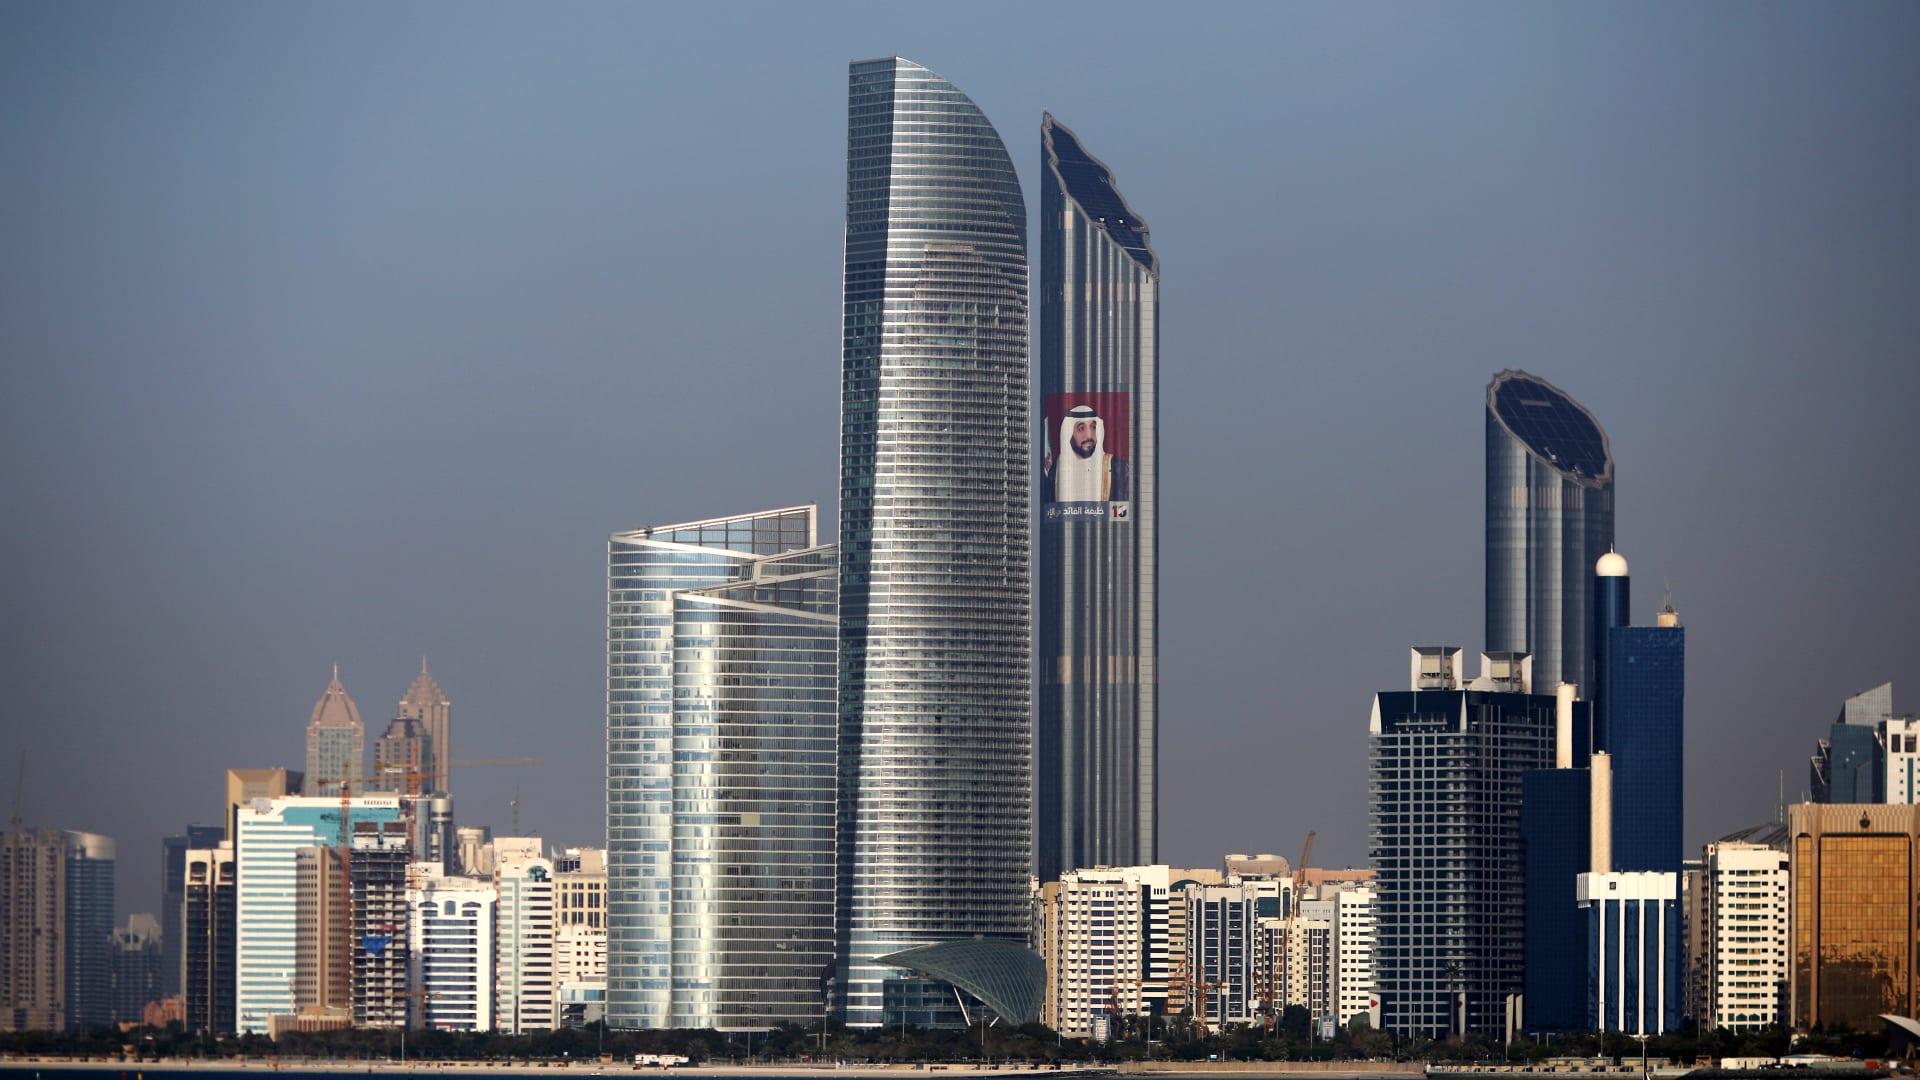 الإمارات تسعى إلى إصدار المزيد من السندات.. وتوسيع نطاق المعاملات بالدرهم thumbnail